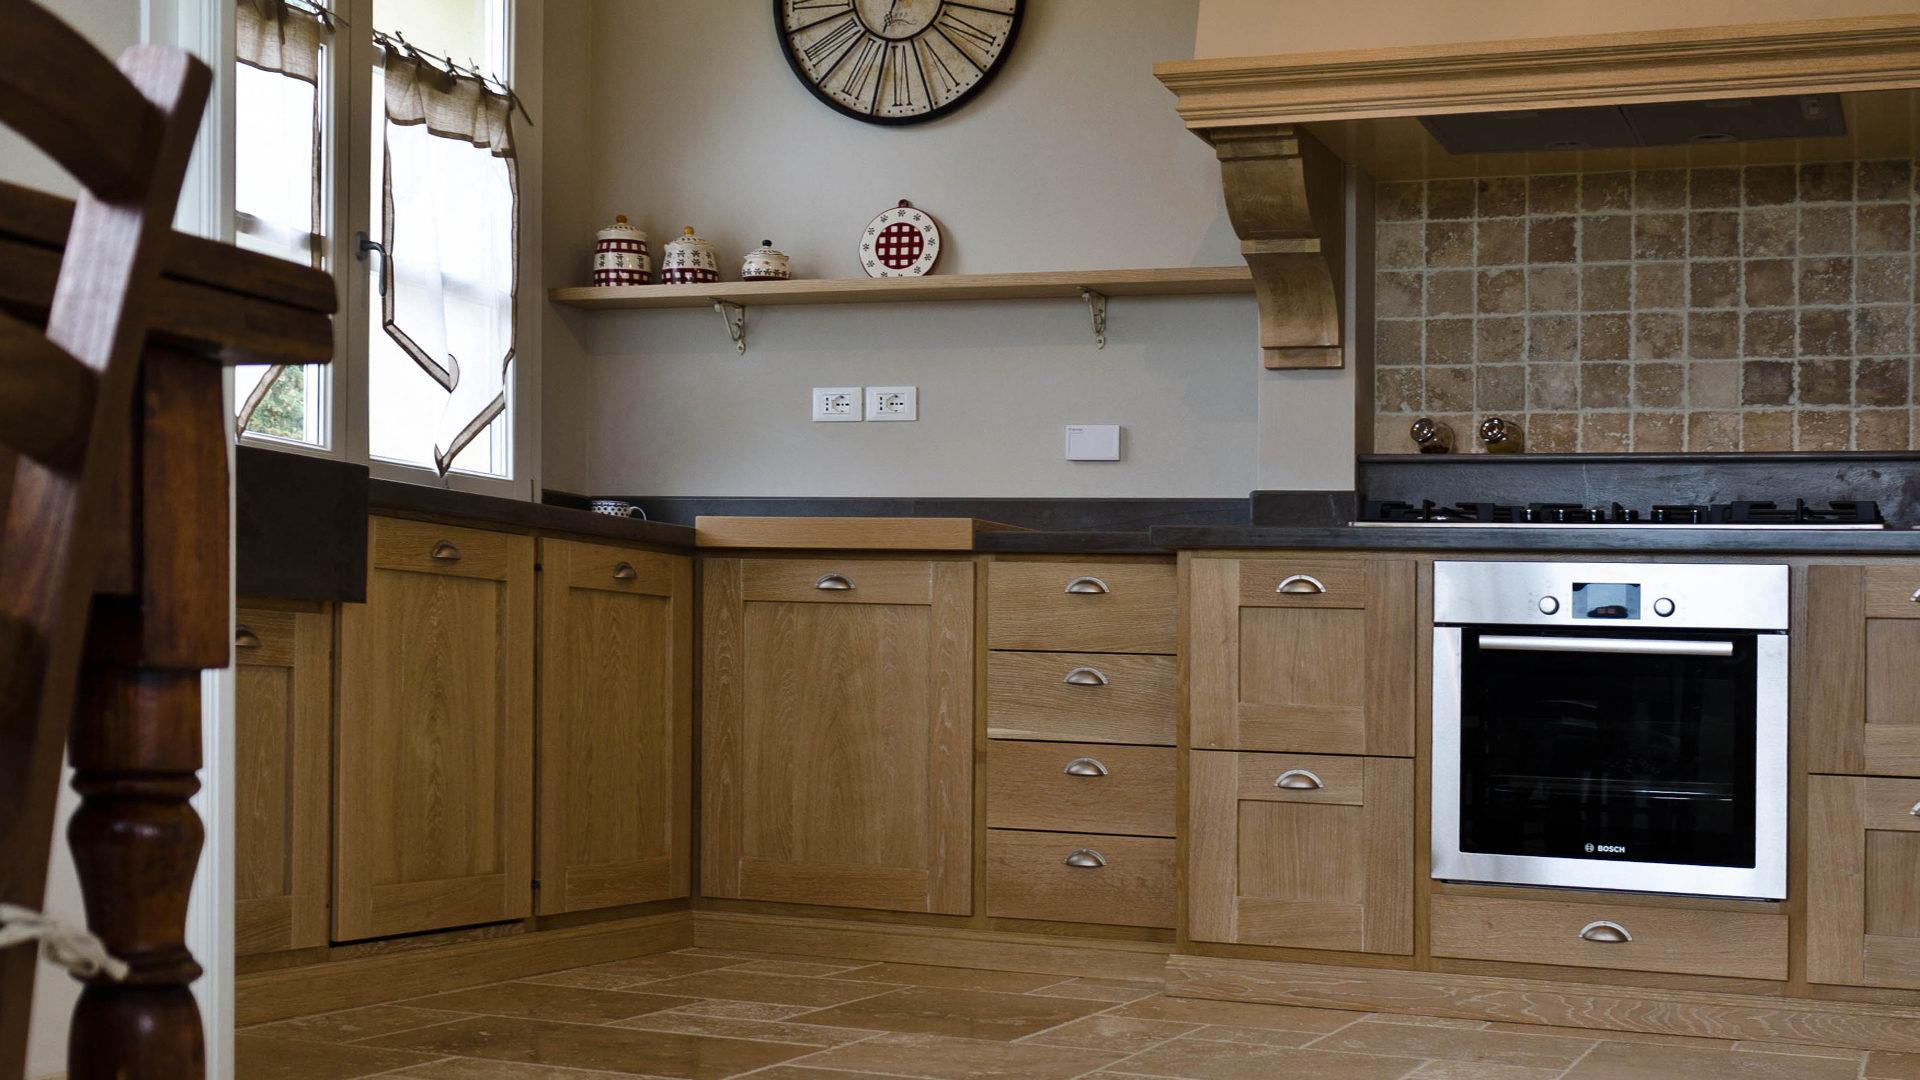 Mosaico per rivestimento cucina pietre di rapolano - Mosaico rivestimento cucina ...